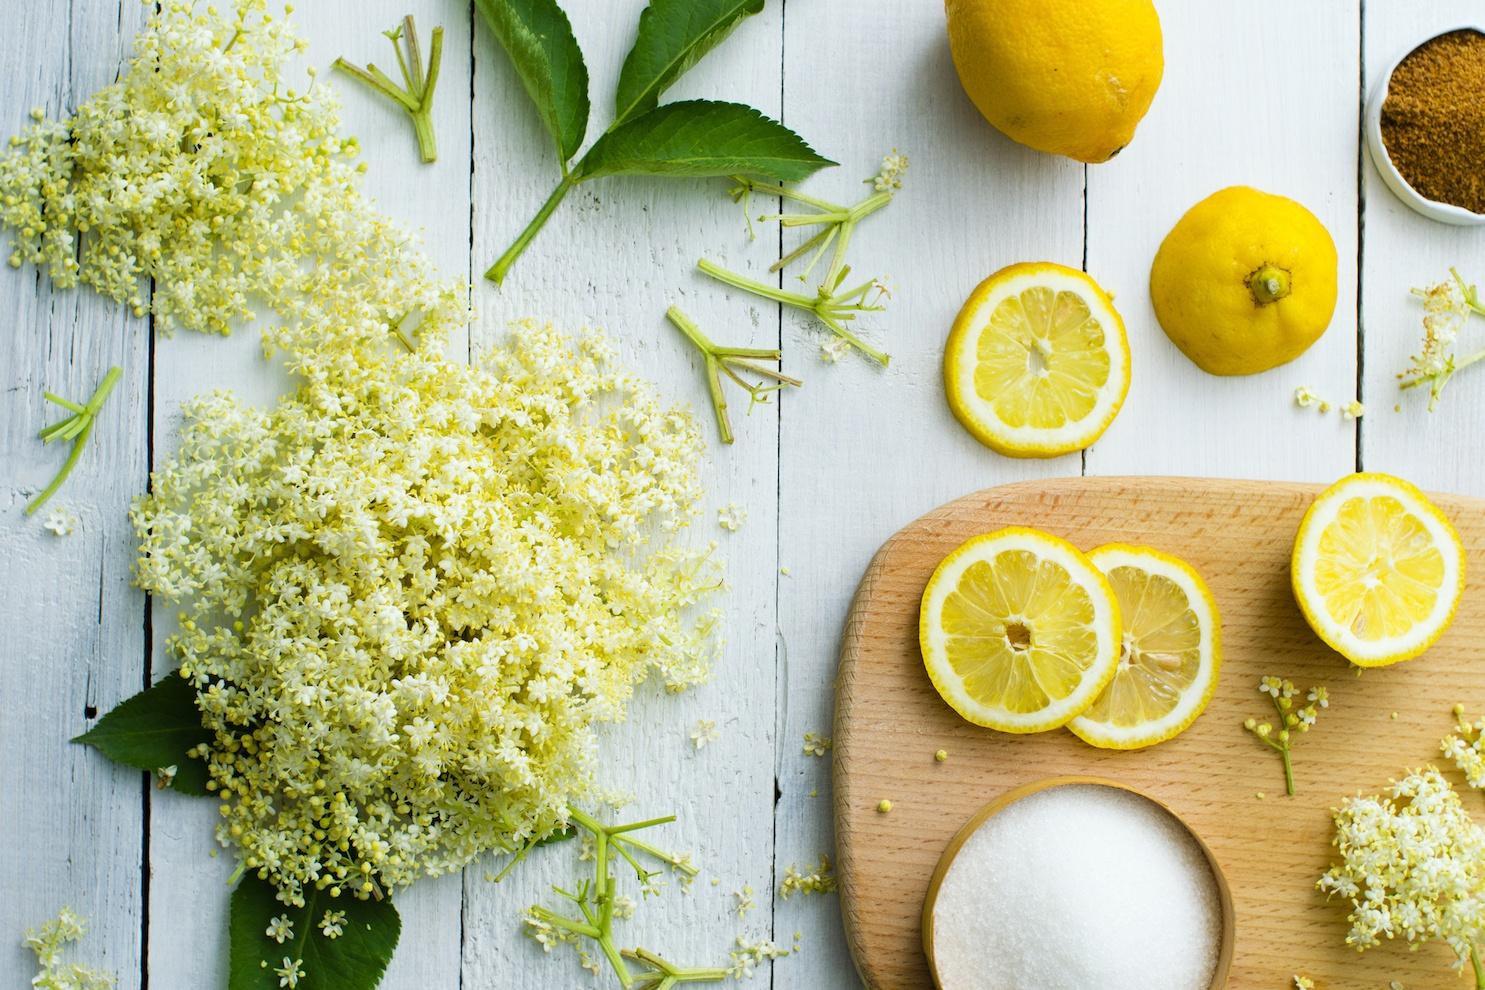 Elderflower and lemons on a white wood background